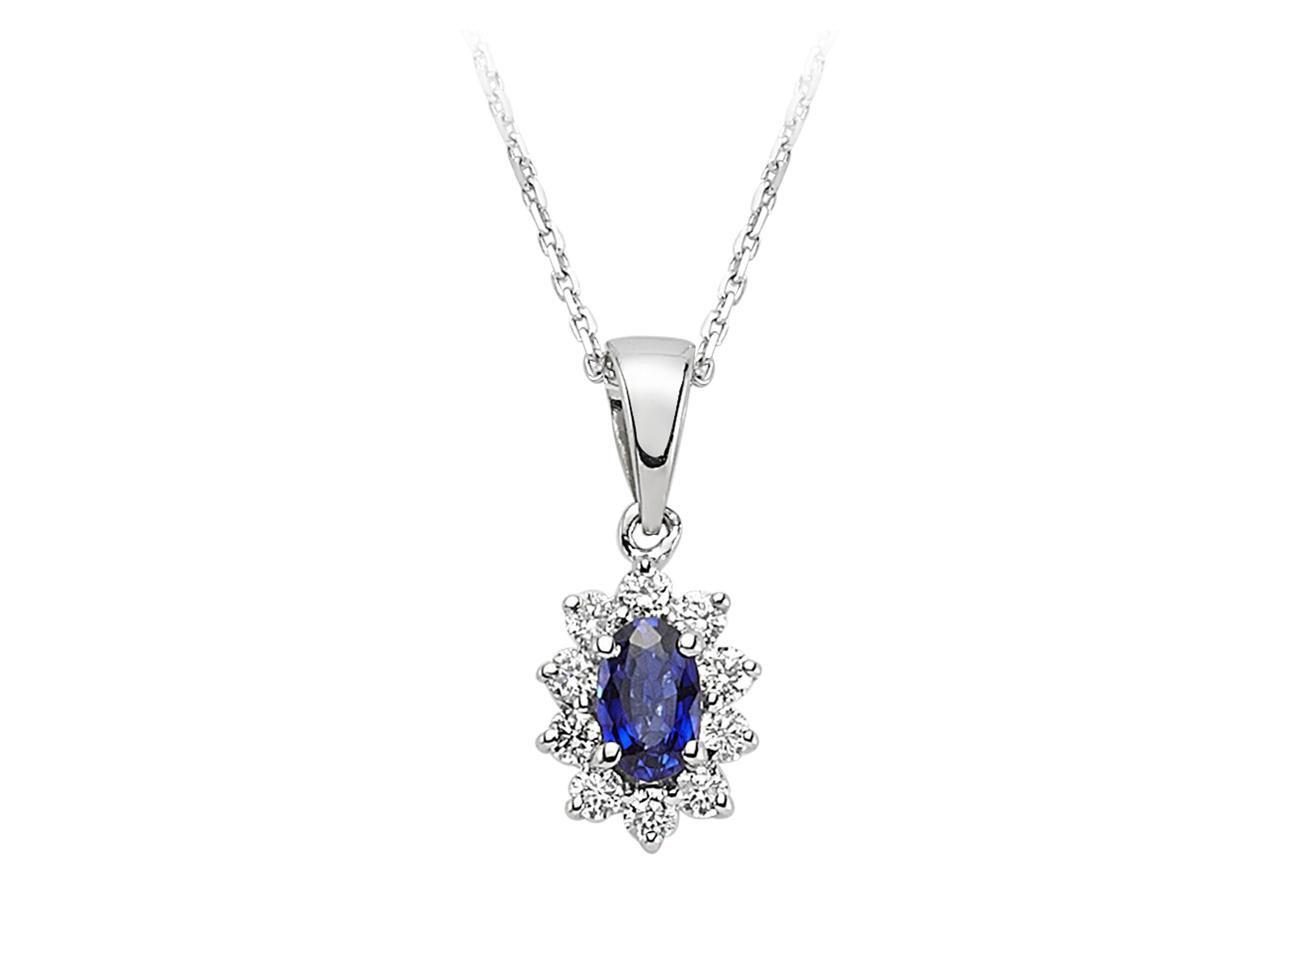 Weißgold kette mit brillant  Entrouge Saphir Diamant Halskette 18 Karat Weissgold 18 Karat